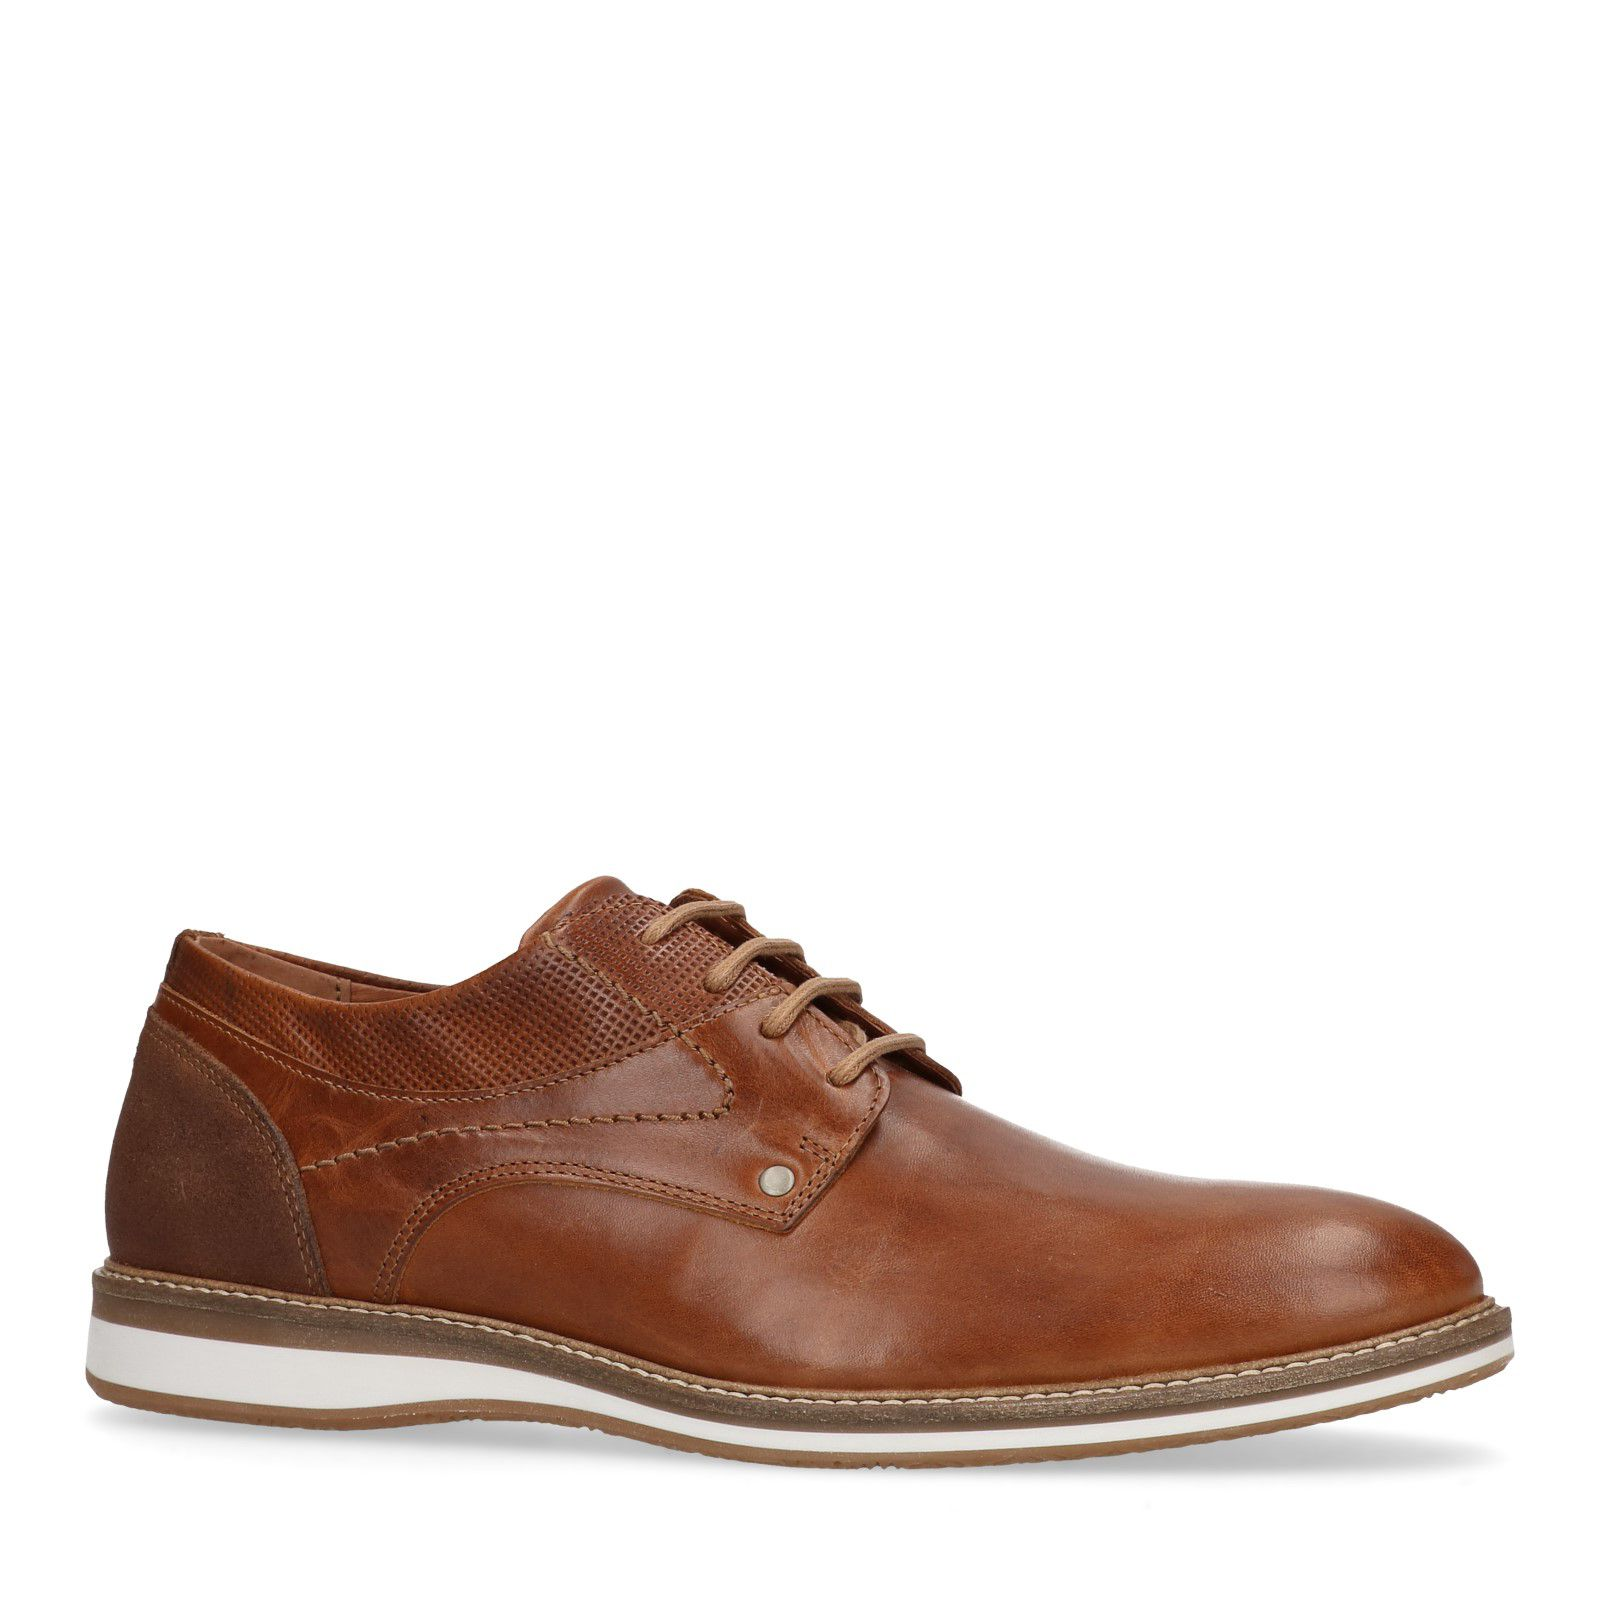 blanche marron en avec à Chaussures semelle Sacha lacets cuir n8vON0mw